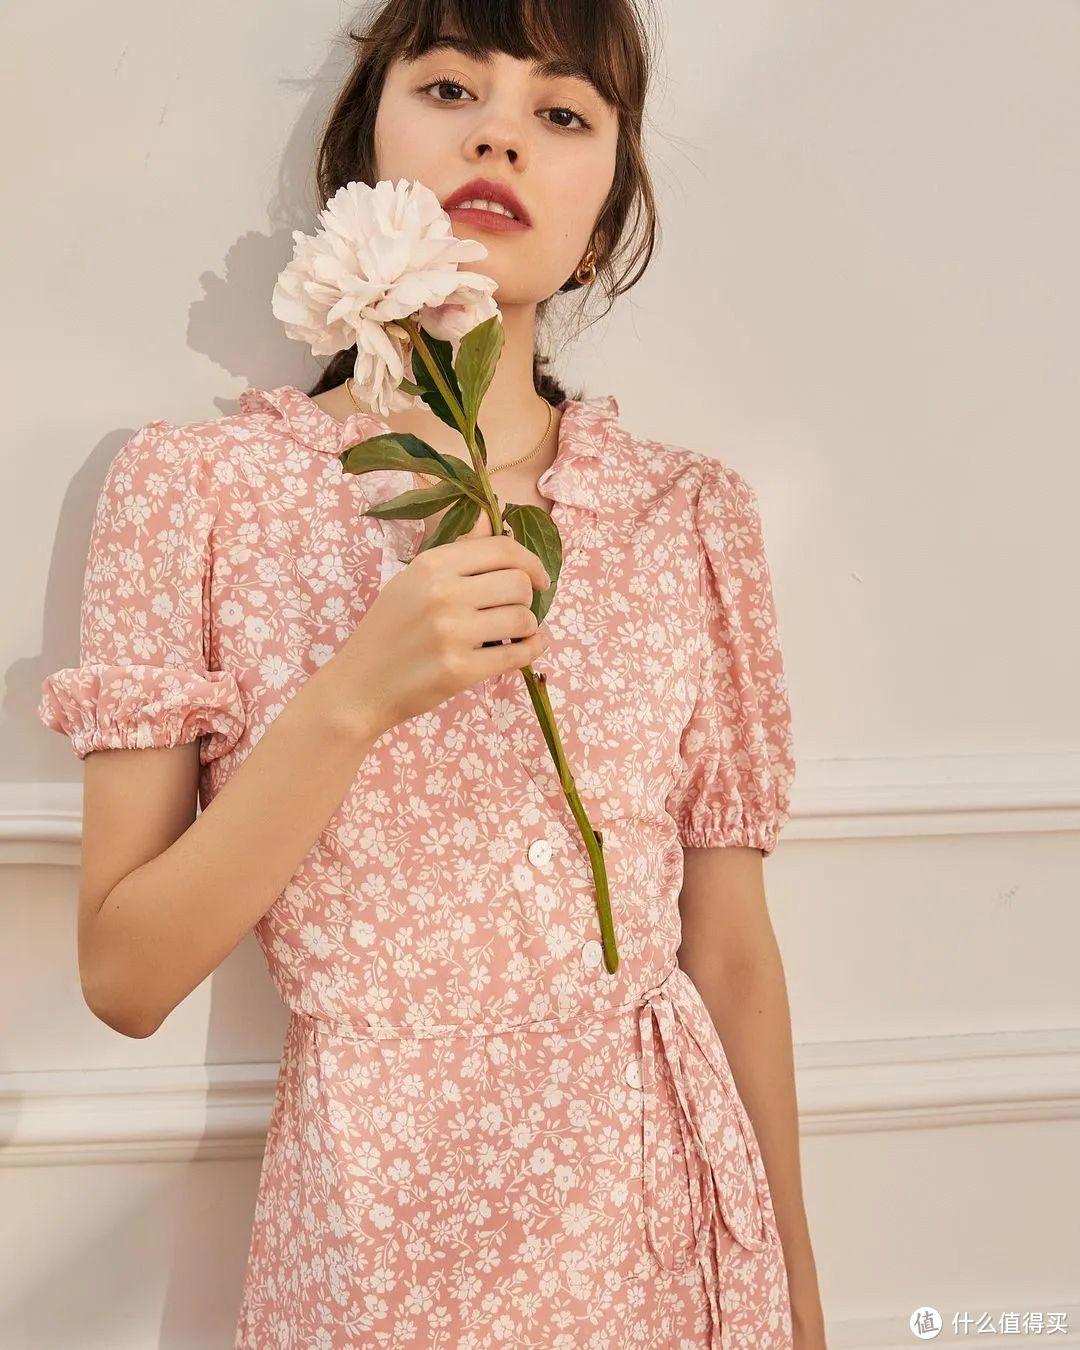 春天的花落在夏日的裙摆上